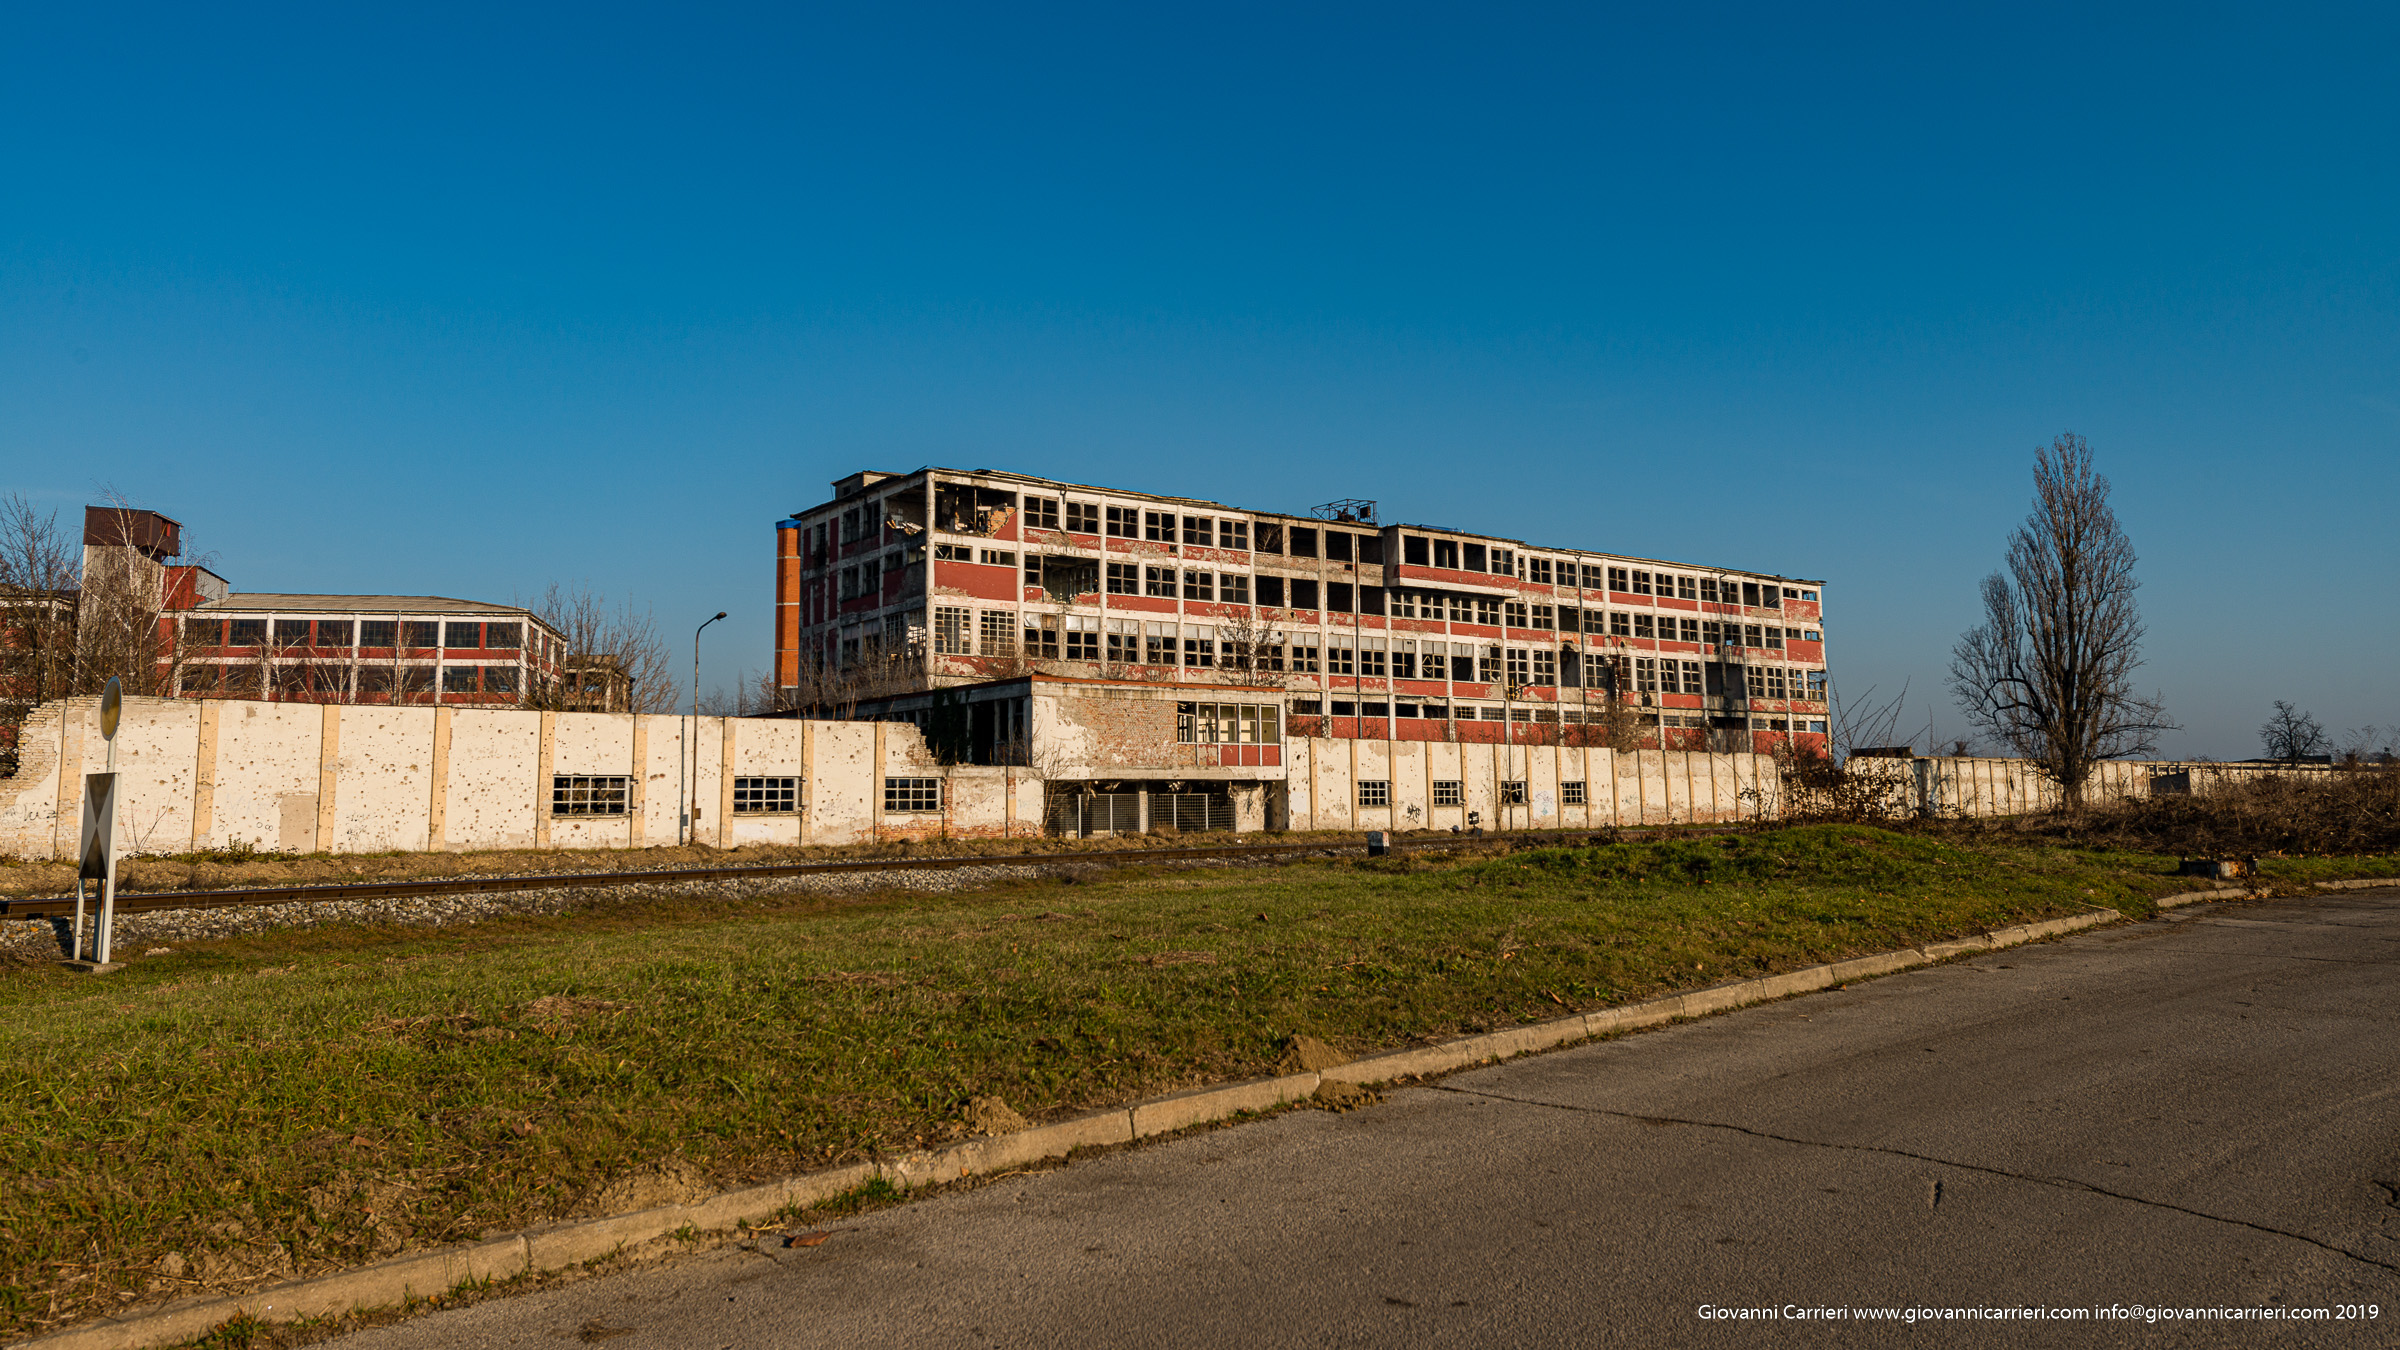 Complesso industriale distrutto dal conflitto - Vukovar